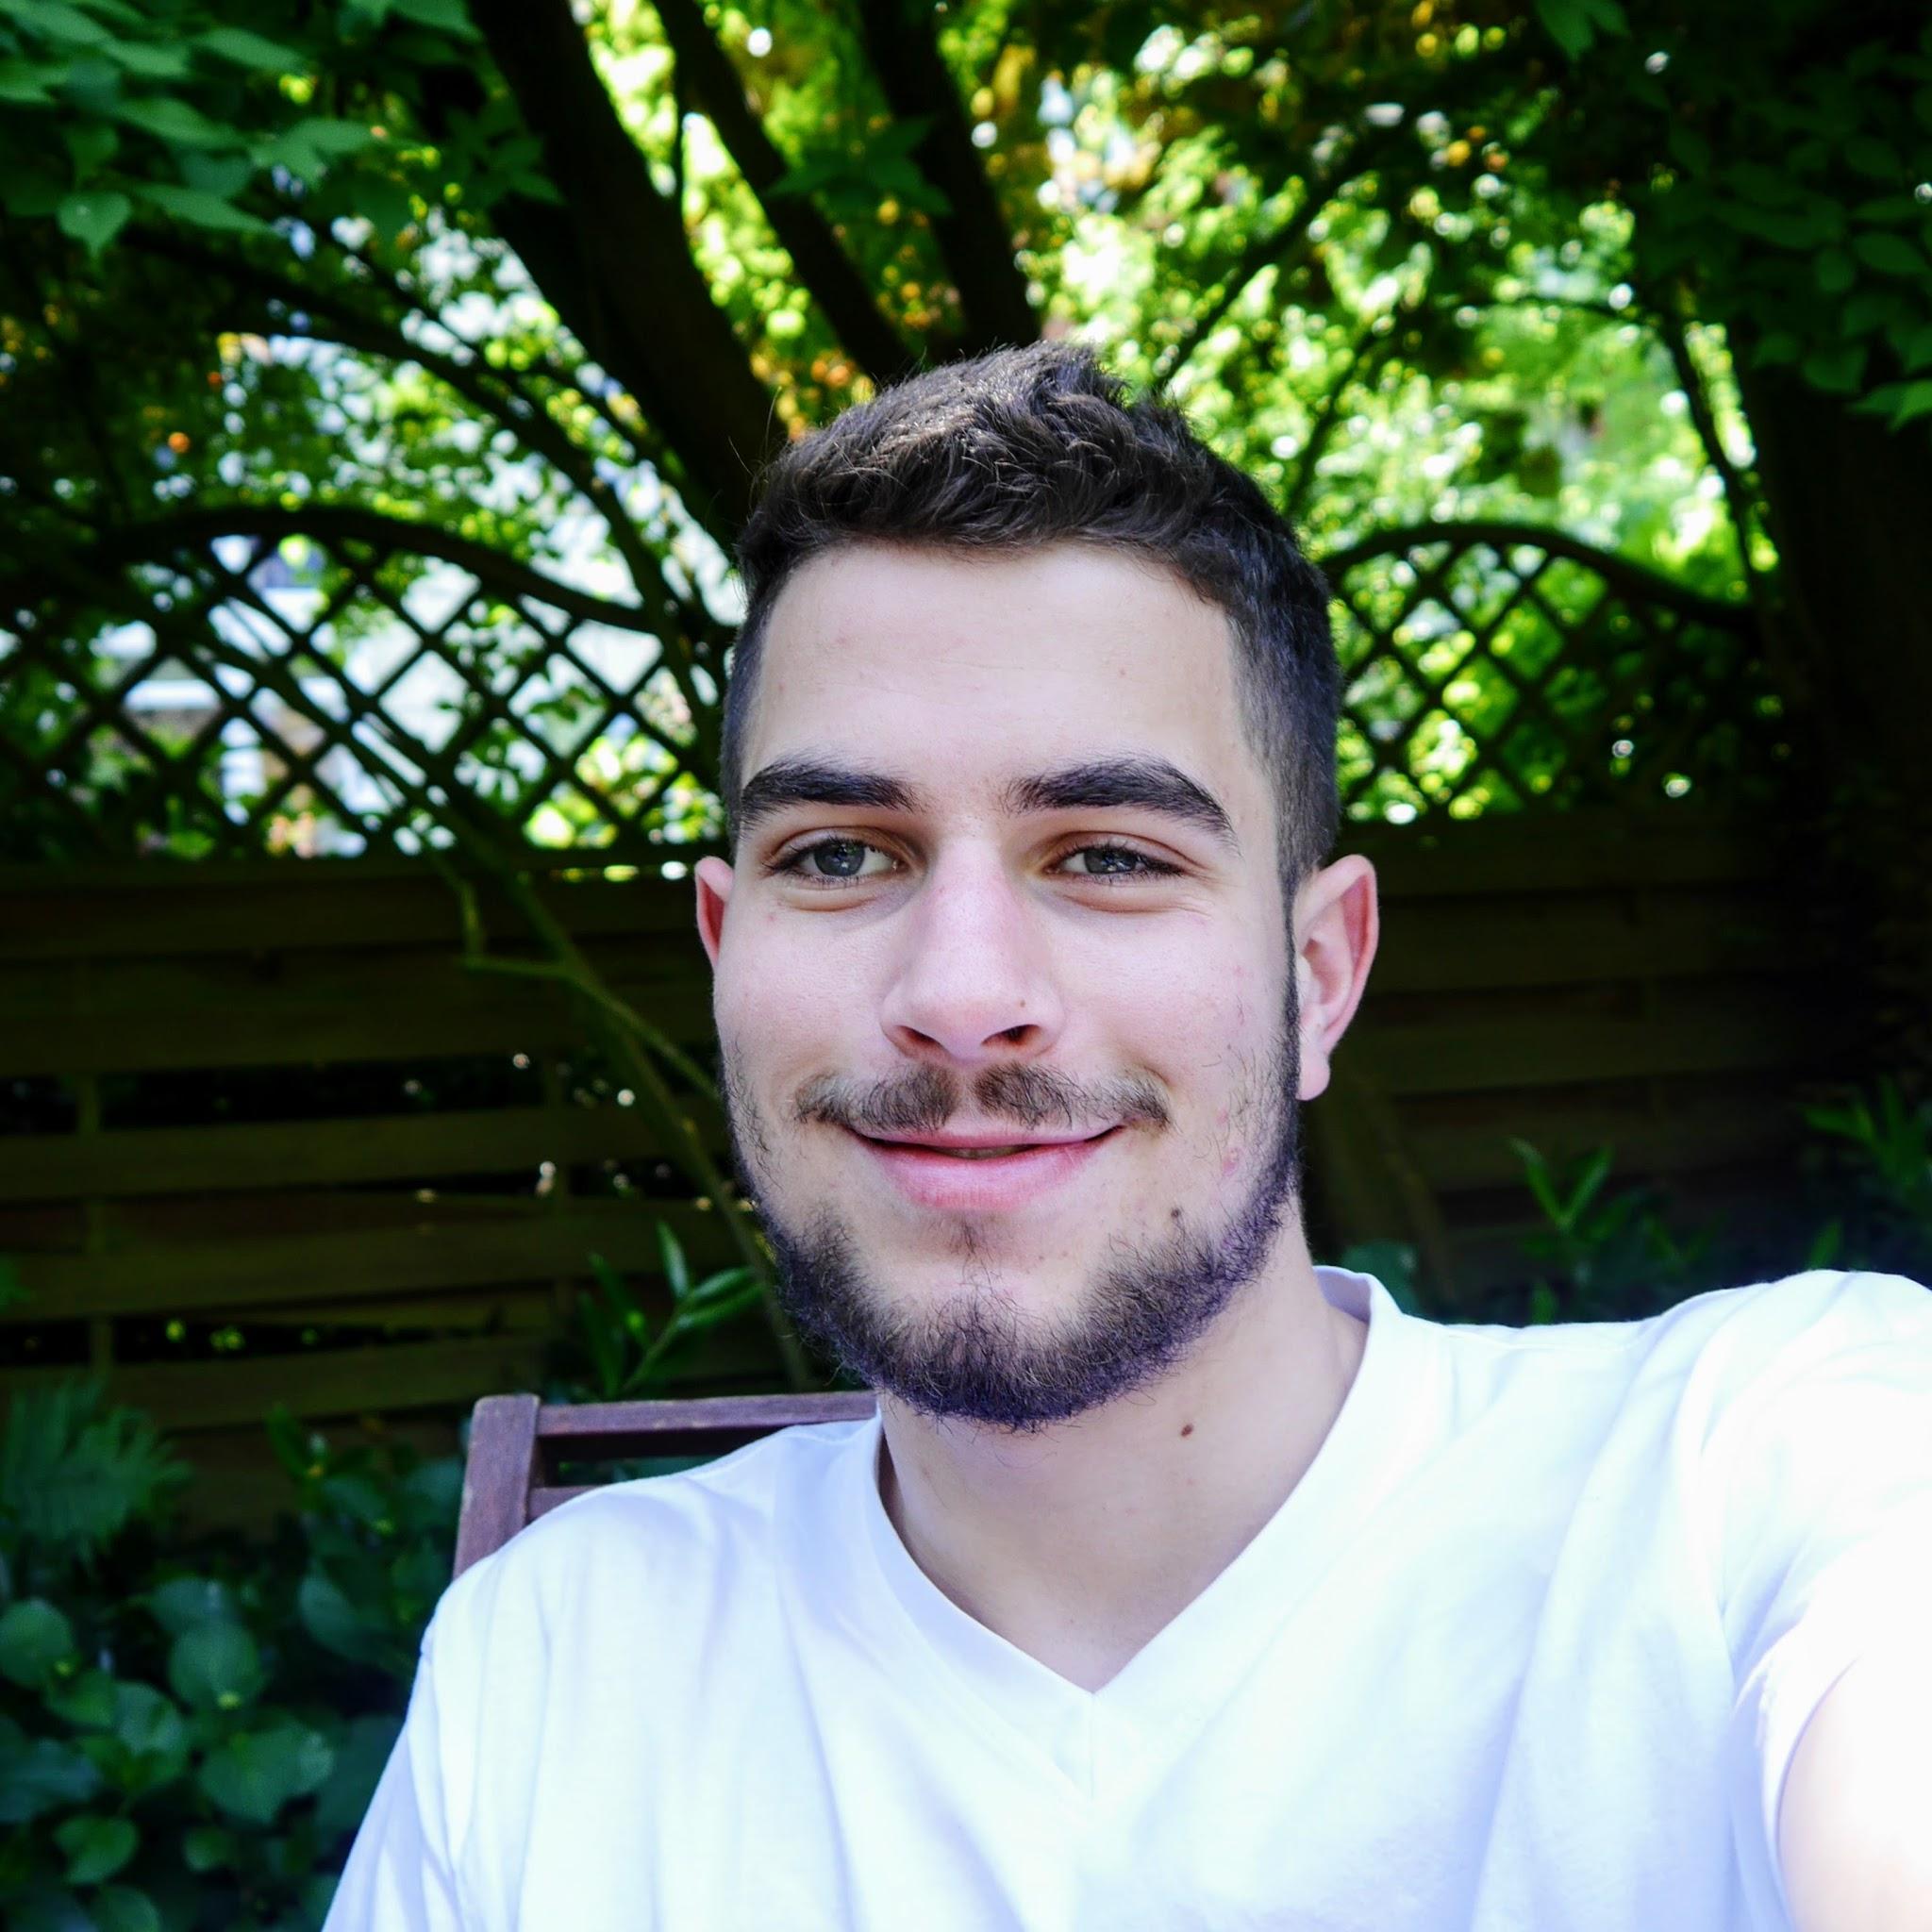 Liam Hurwitz